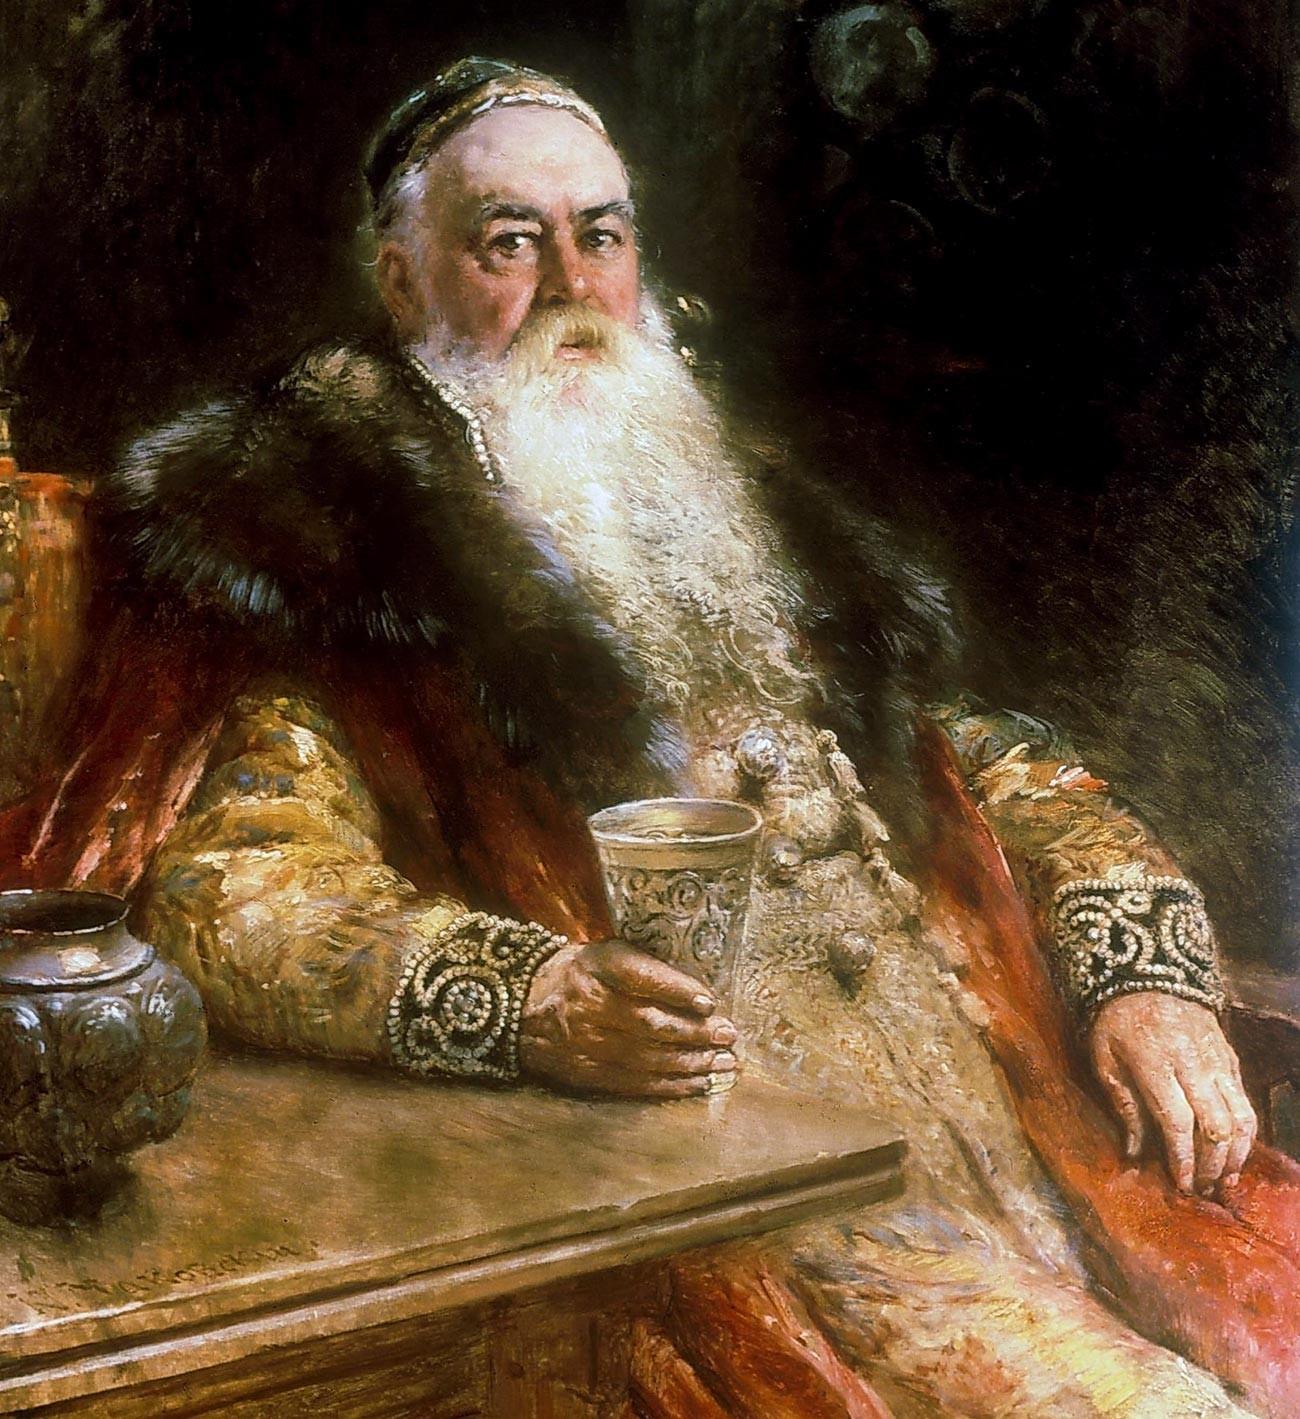 Seorang boyar (bangsawan) Rusia mengenakan shuba berkerah bulu.